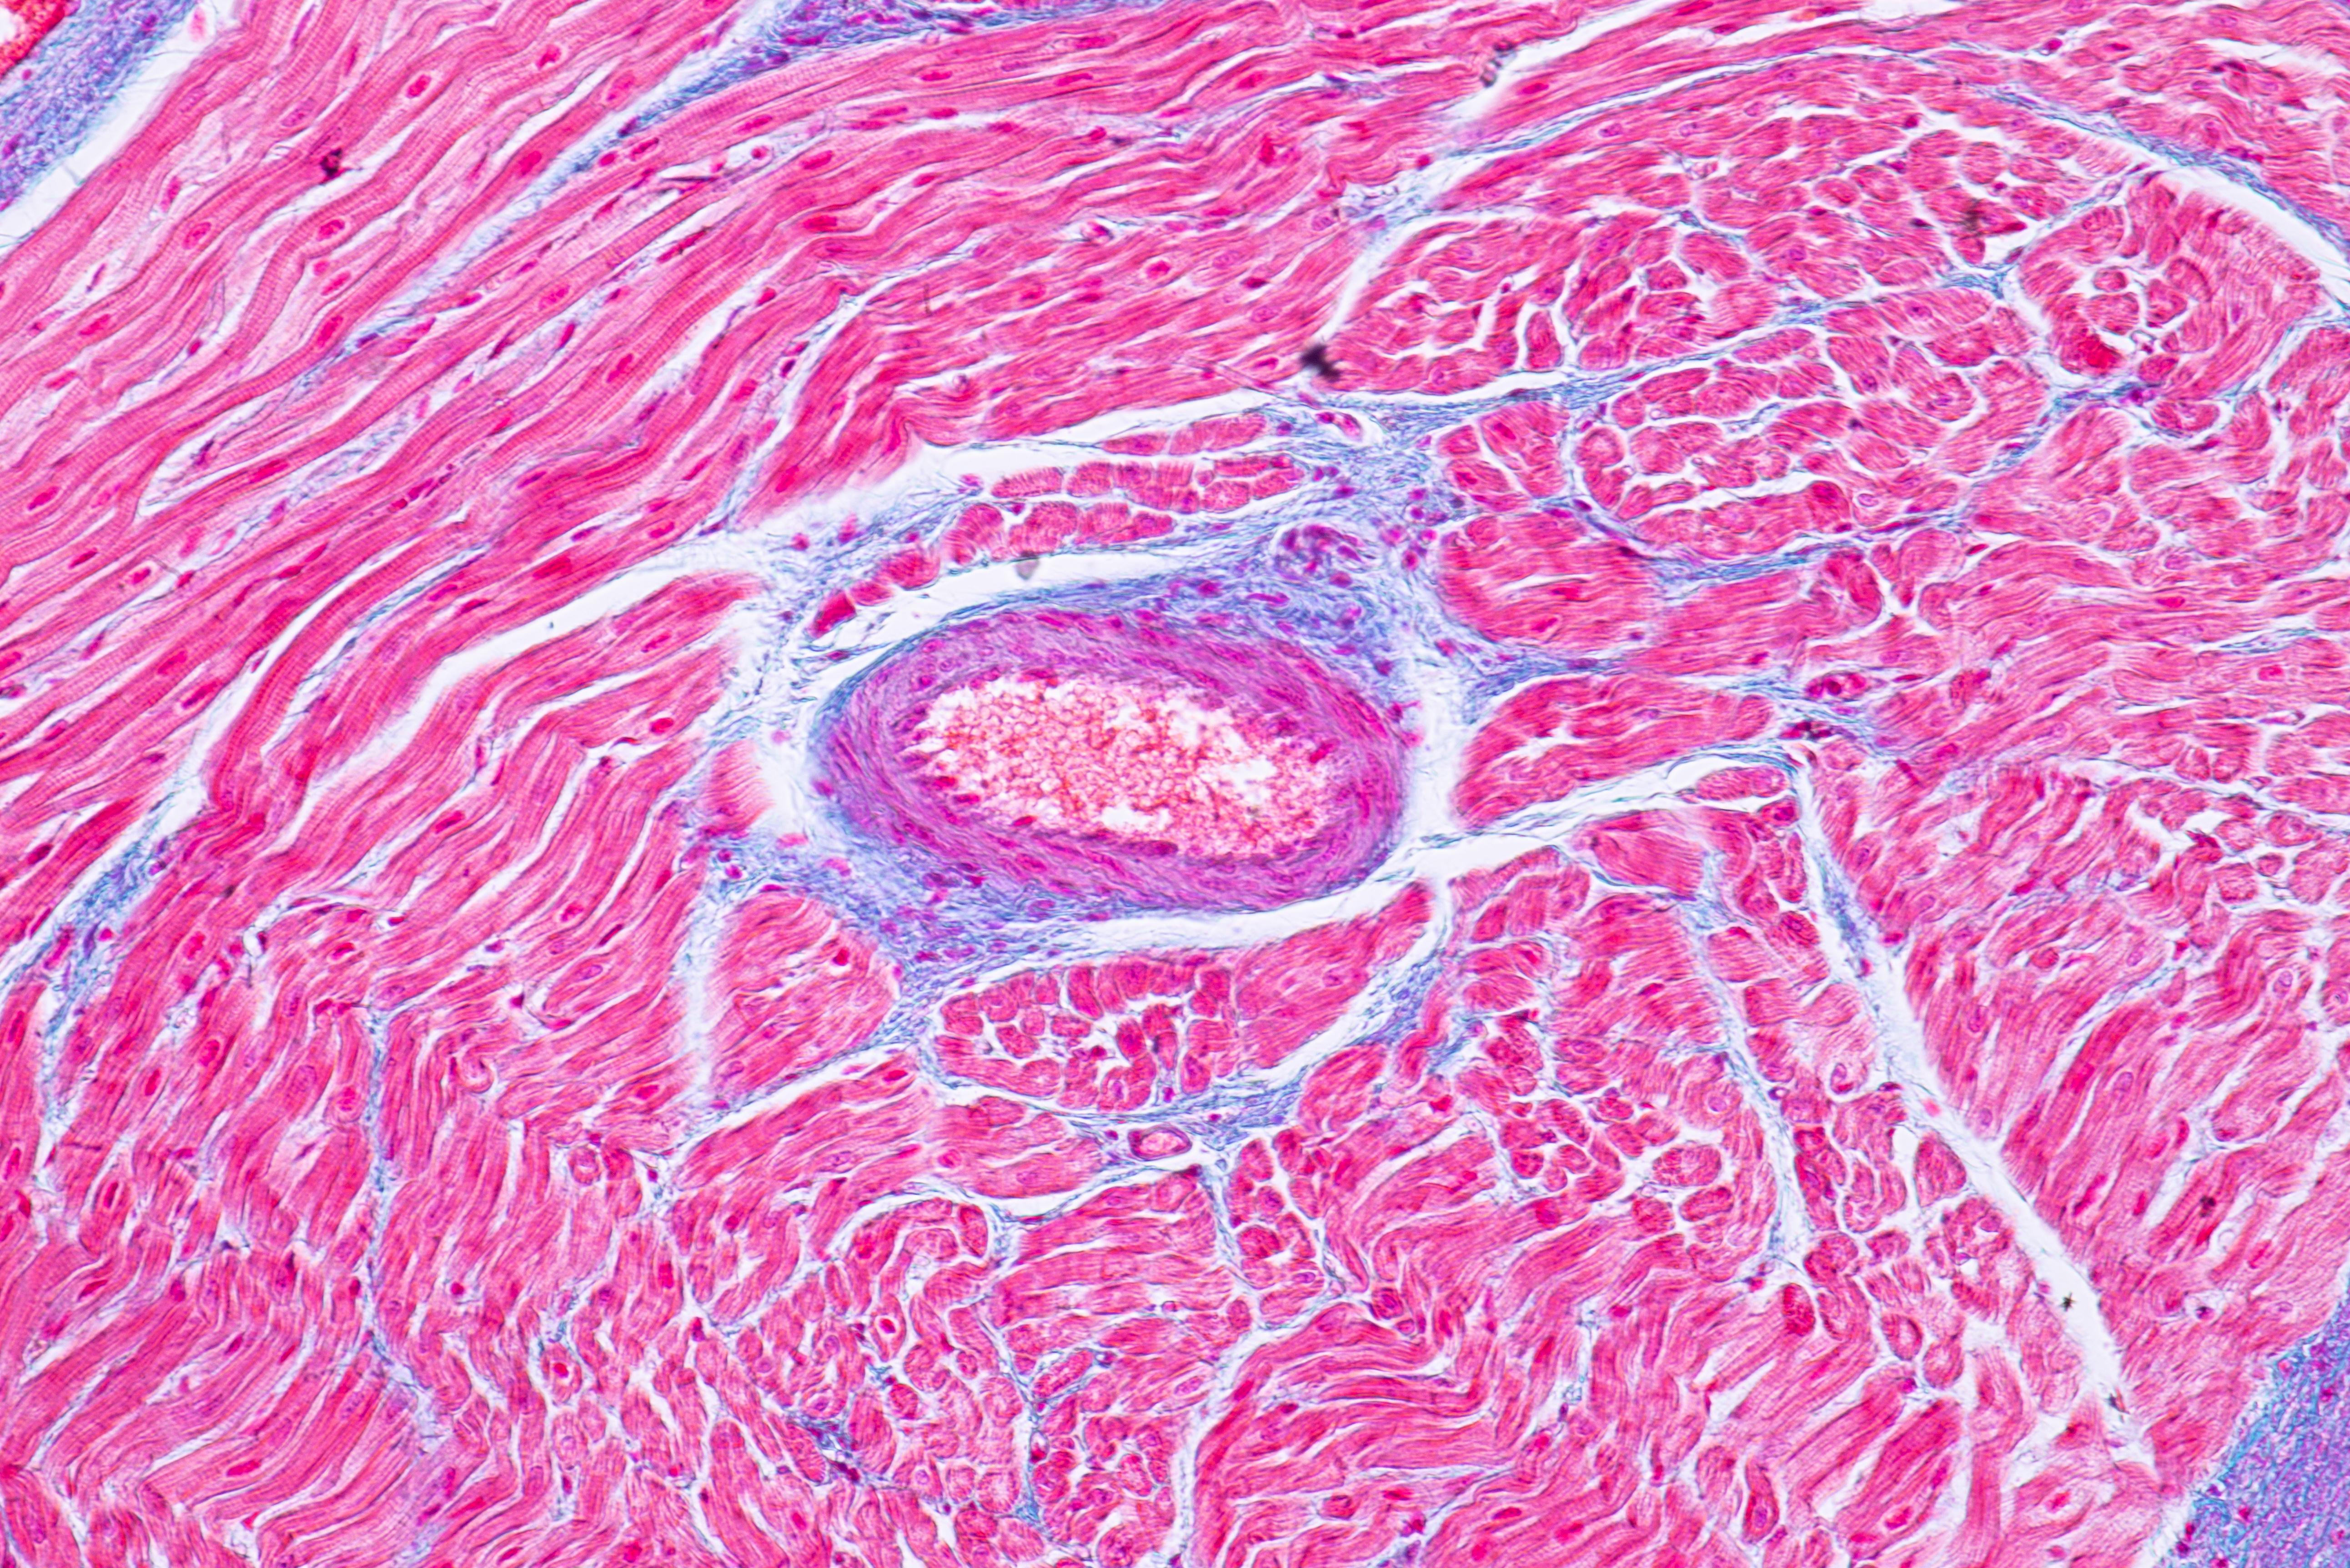 En cause, des effets directs sur les cardiomyocytes, les cellules musculaires du cœur (Visuel Adobe stock 201139568)